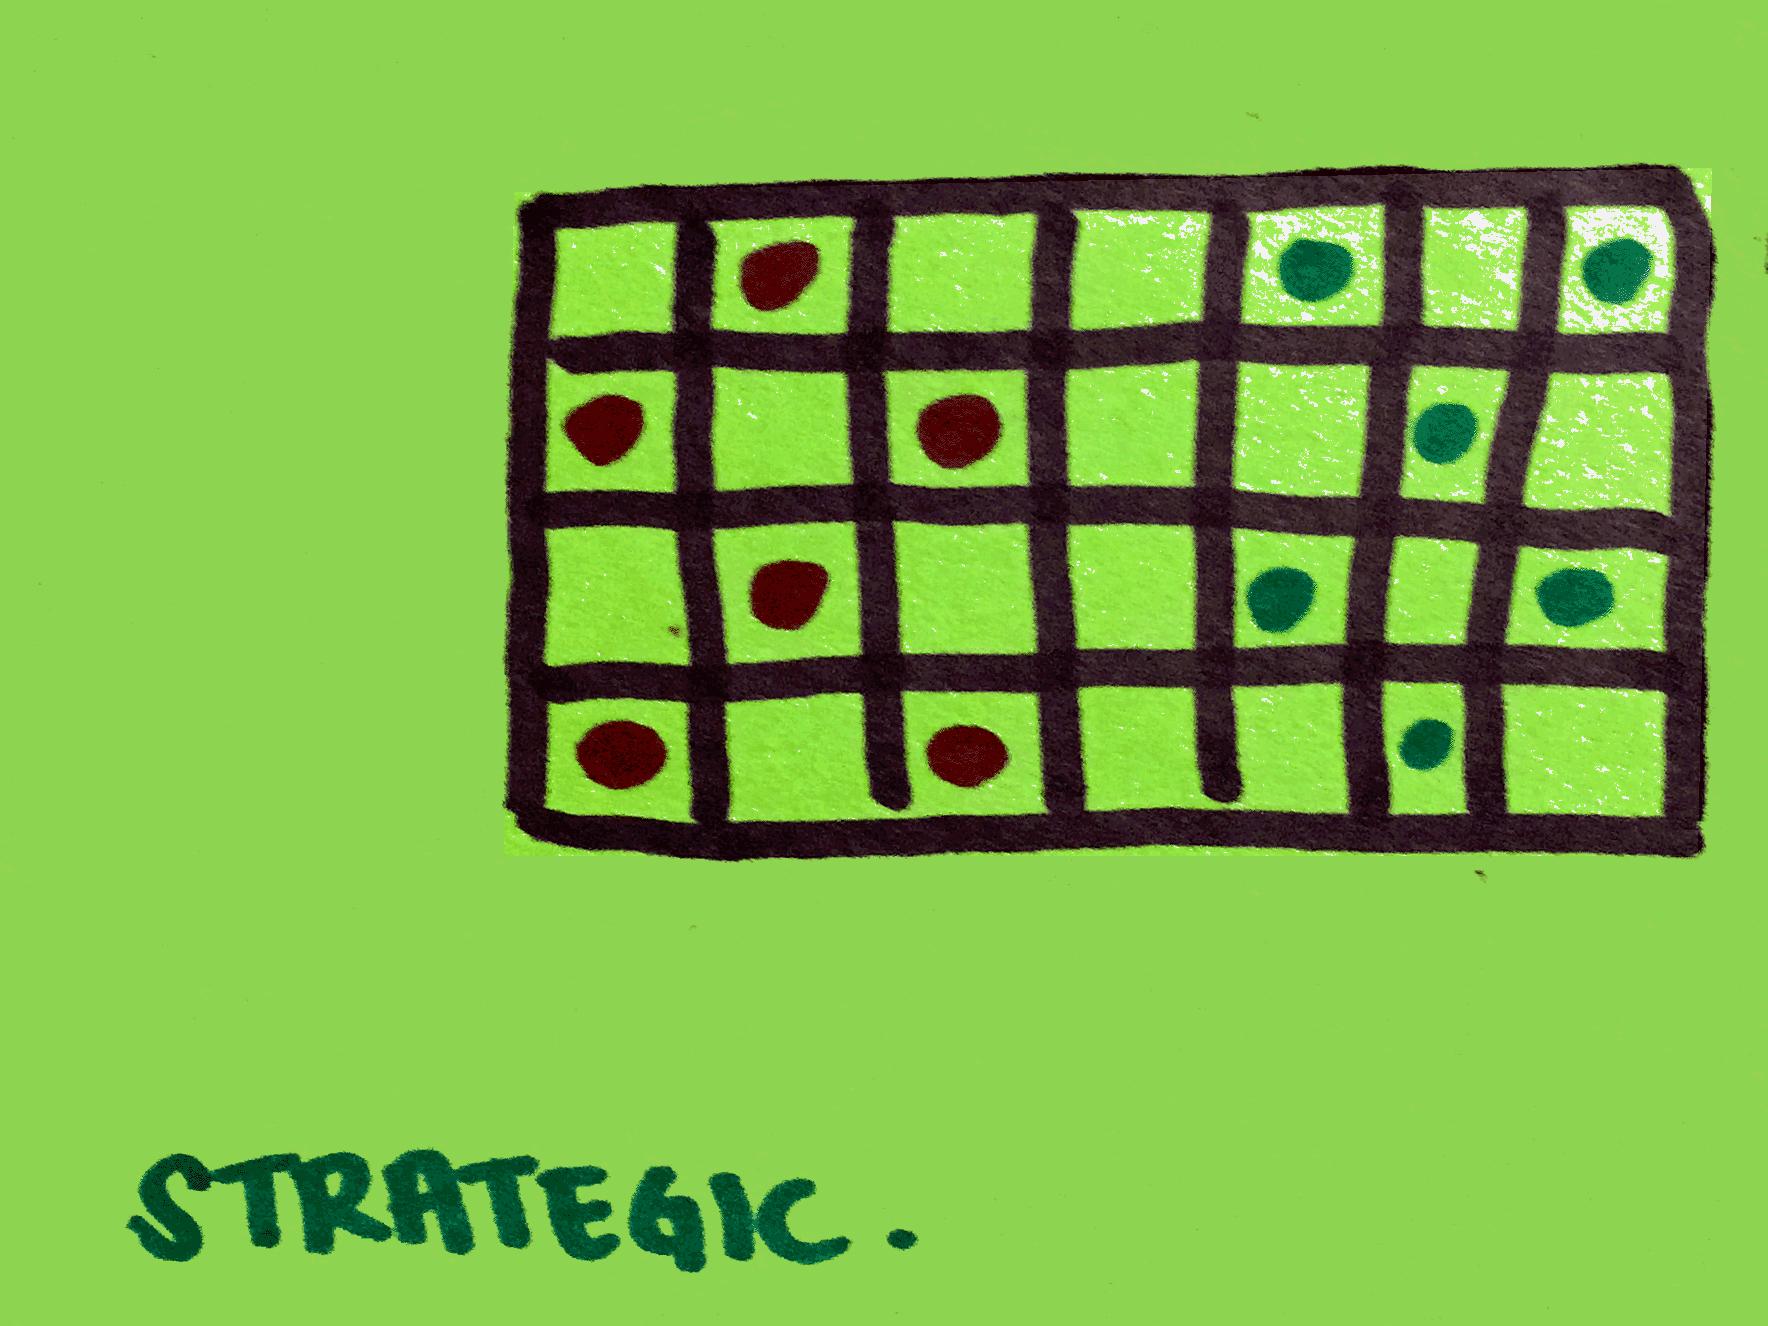 Strategic Strengthsfinder Checkers